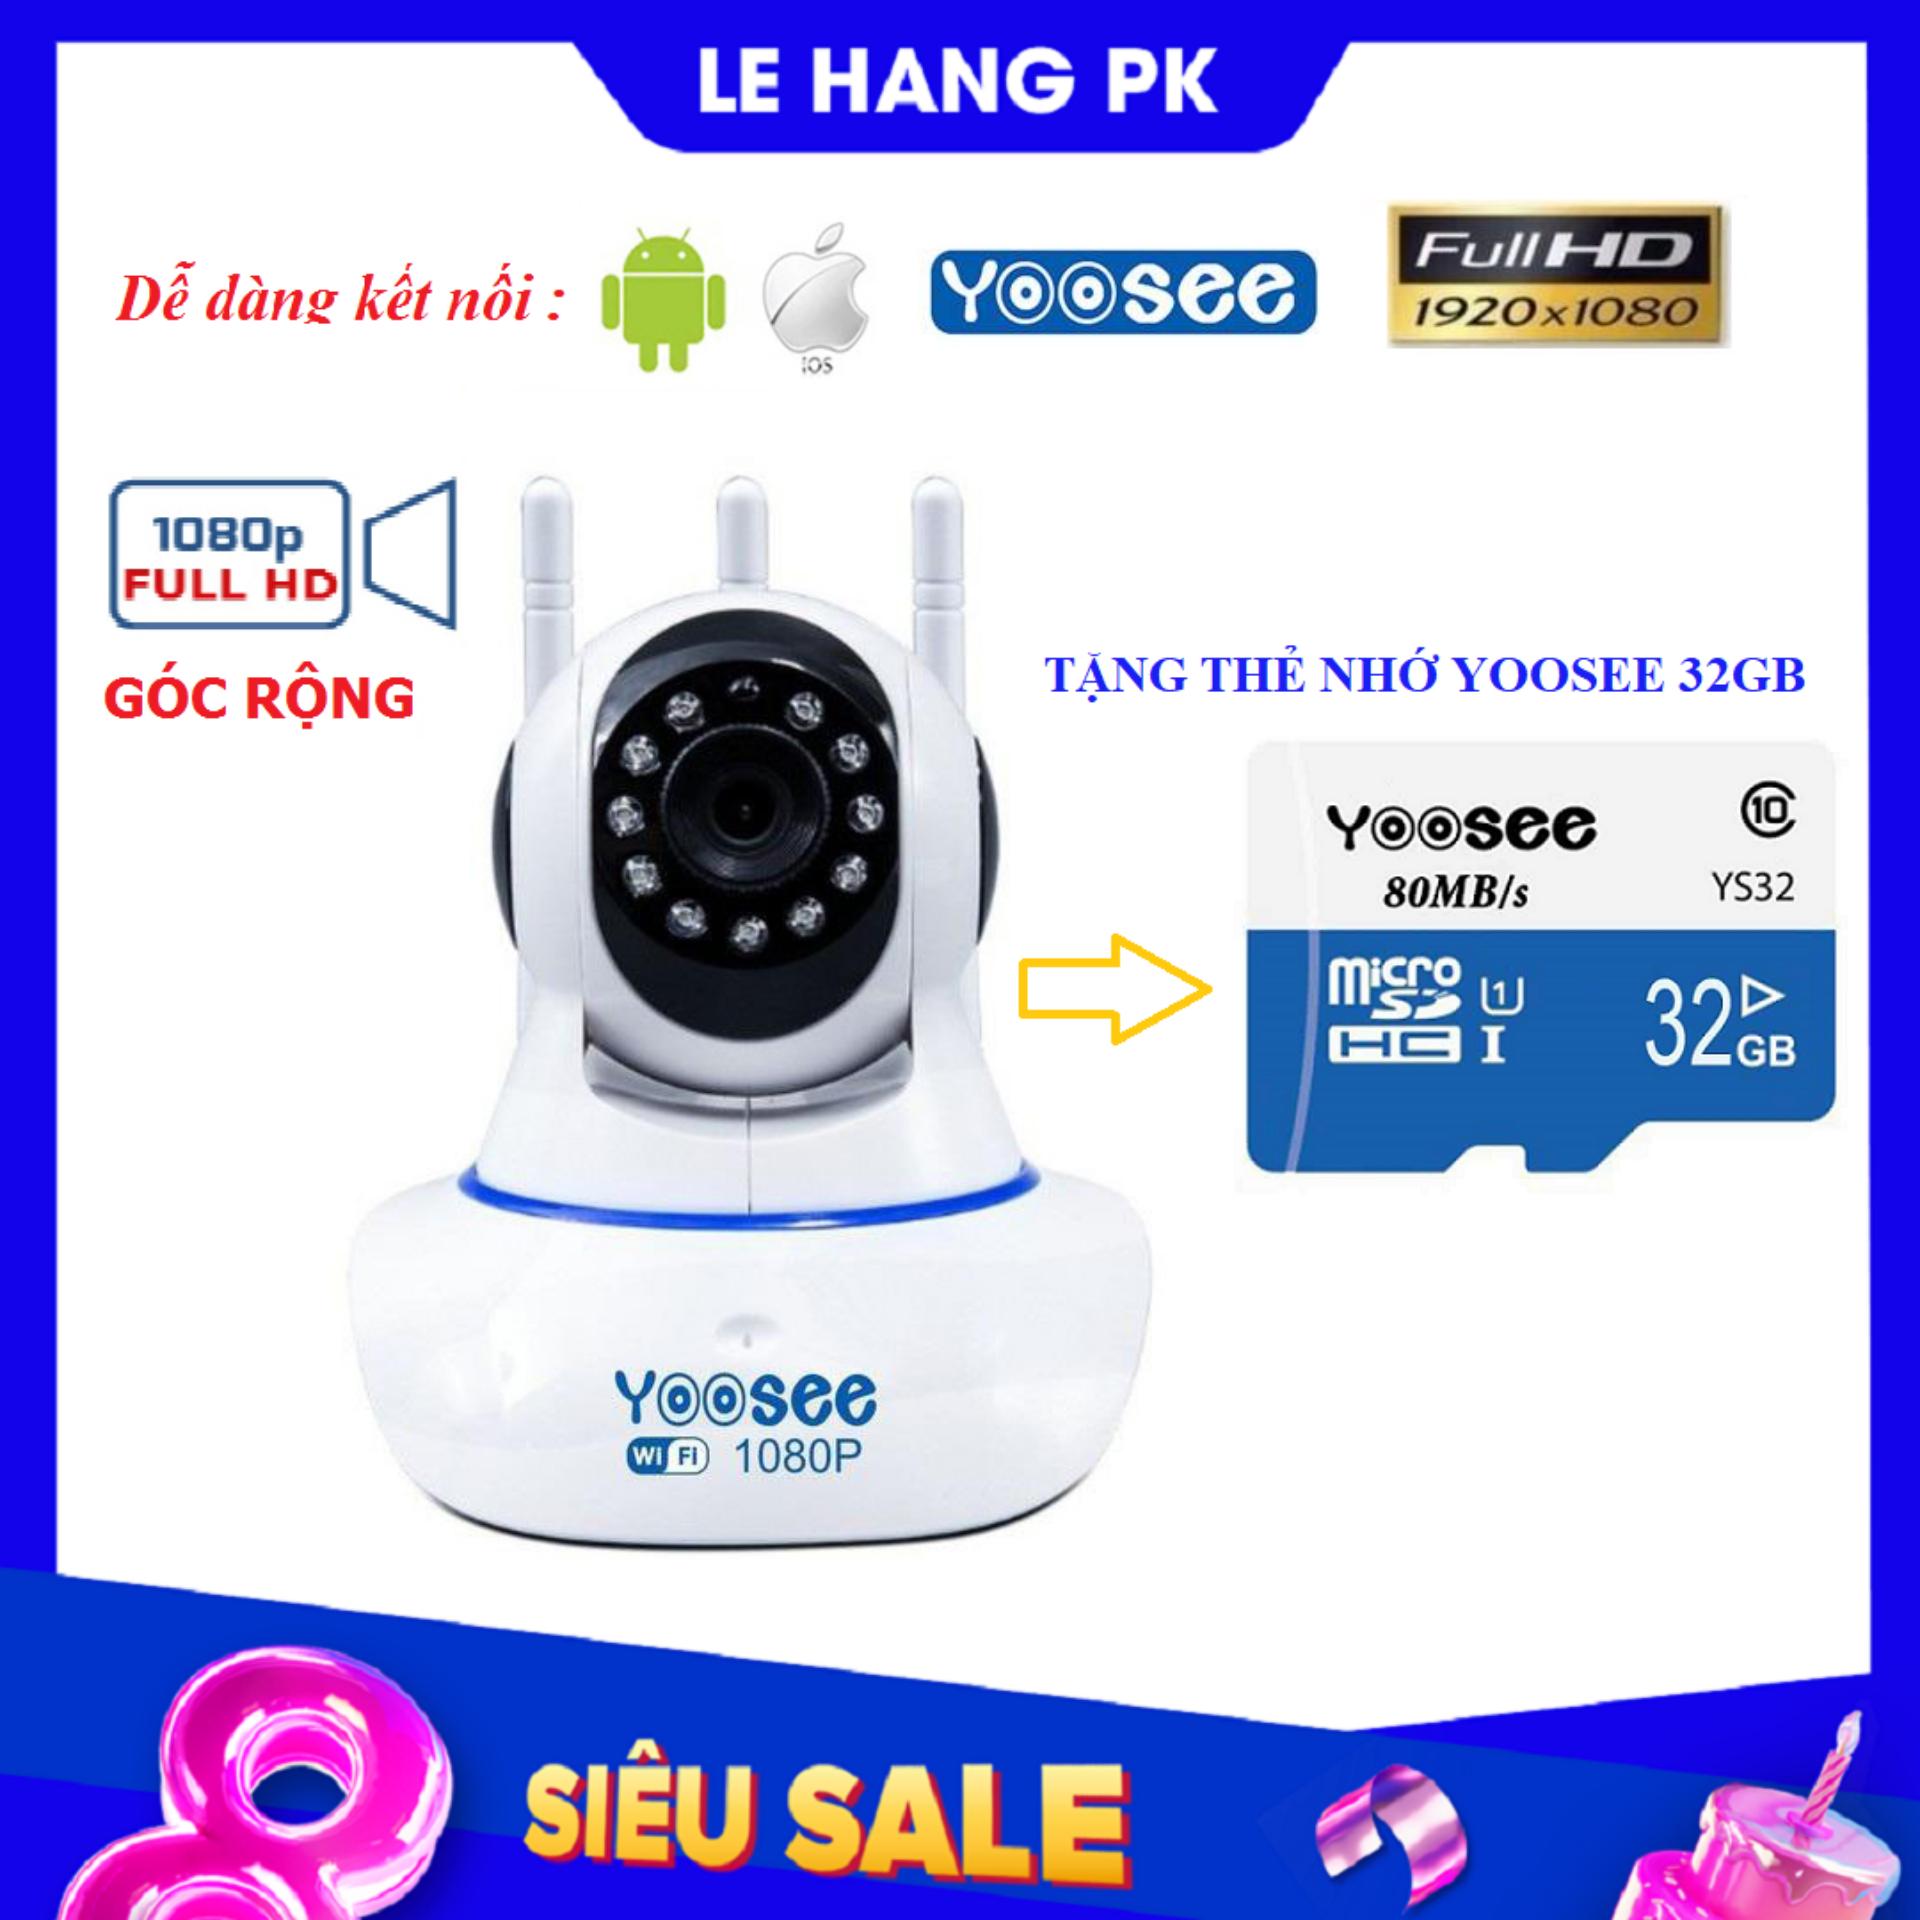 (KÈM Thẻ Nhớ SD YOOSEE 32 GB) Camera IP Wifi Yoosee 3 Râu xoay 360 độ, độ phân giải FULL FHD 2.0MP 1920x1080p Không Dây,Camera trong nhà,ngoài trời Camera hồng ngoại tích hợp ghi âm,lưu trữ dữ liệu